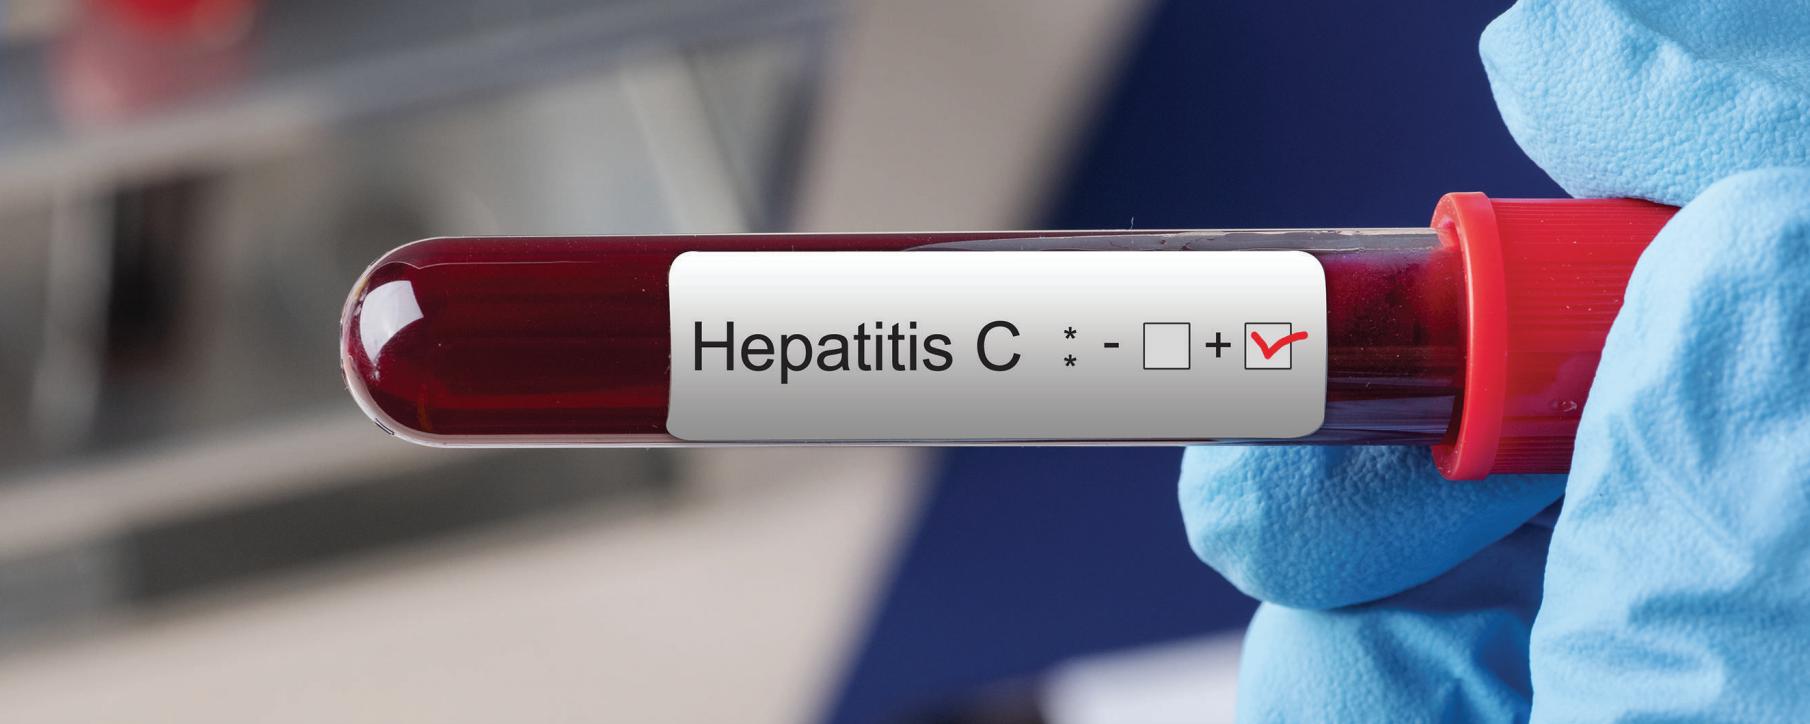 PSM_Hepatitis